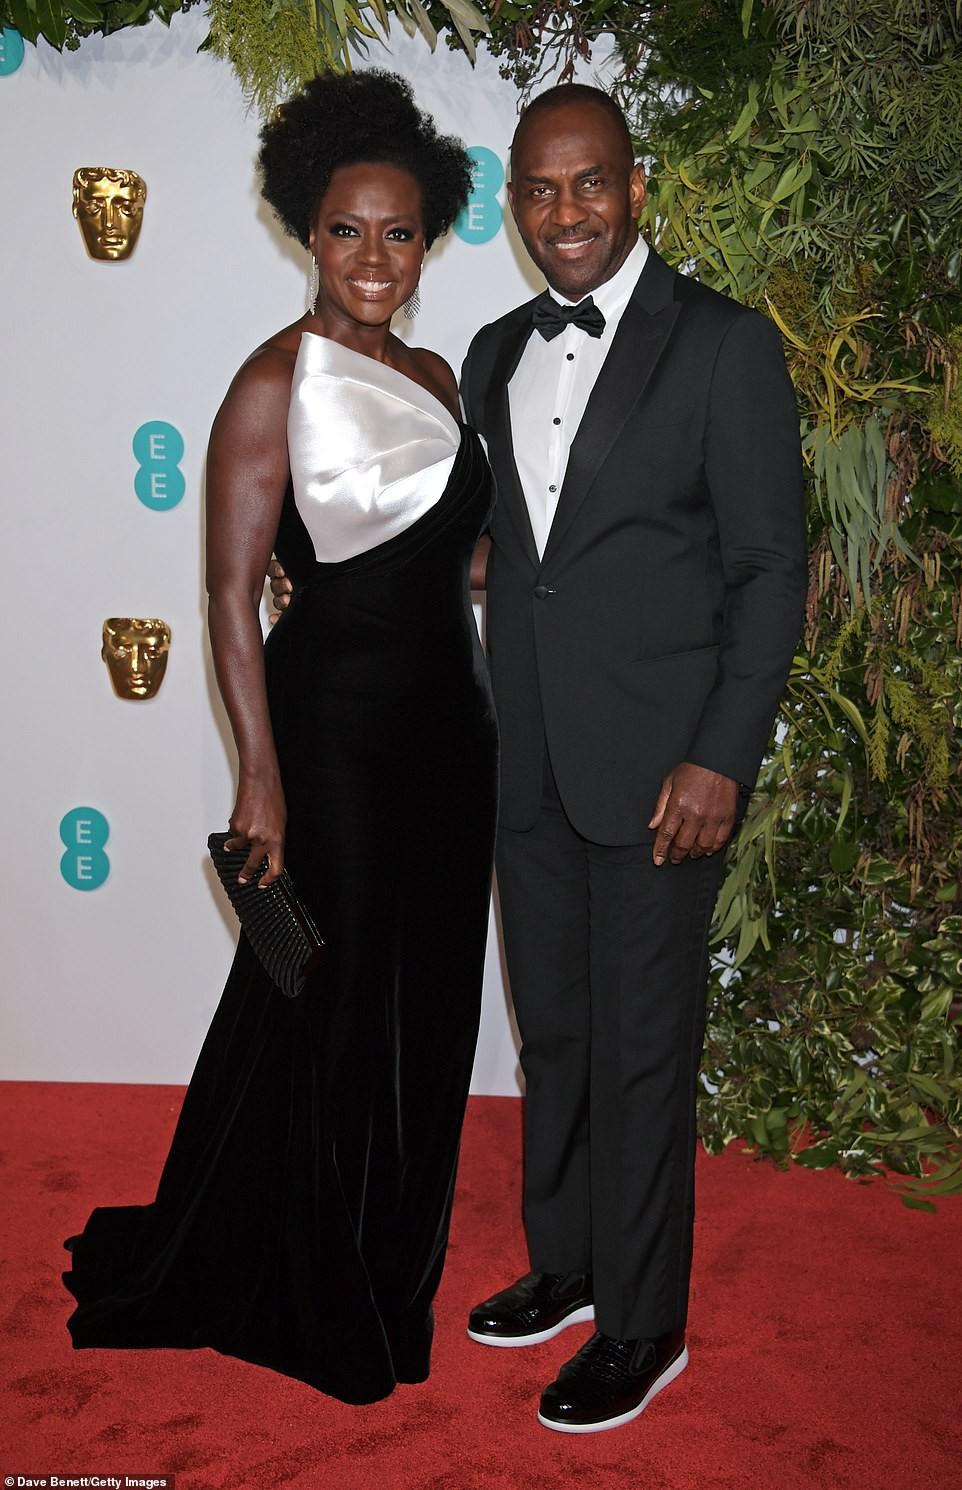 Thảm đỏ Oscar Anh Quốc: Công nương Kate và dàn sao Hollywood khoe nhan sắc tuyệt trần, thật khó chọn ai đẹp nhất! - Ảnh 21.